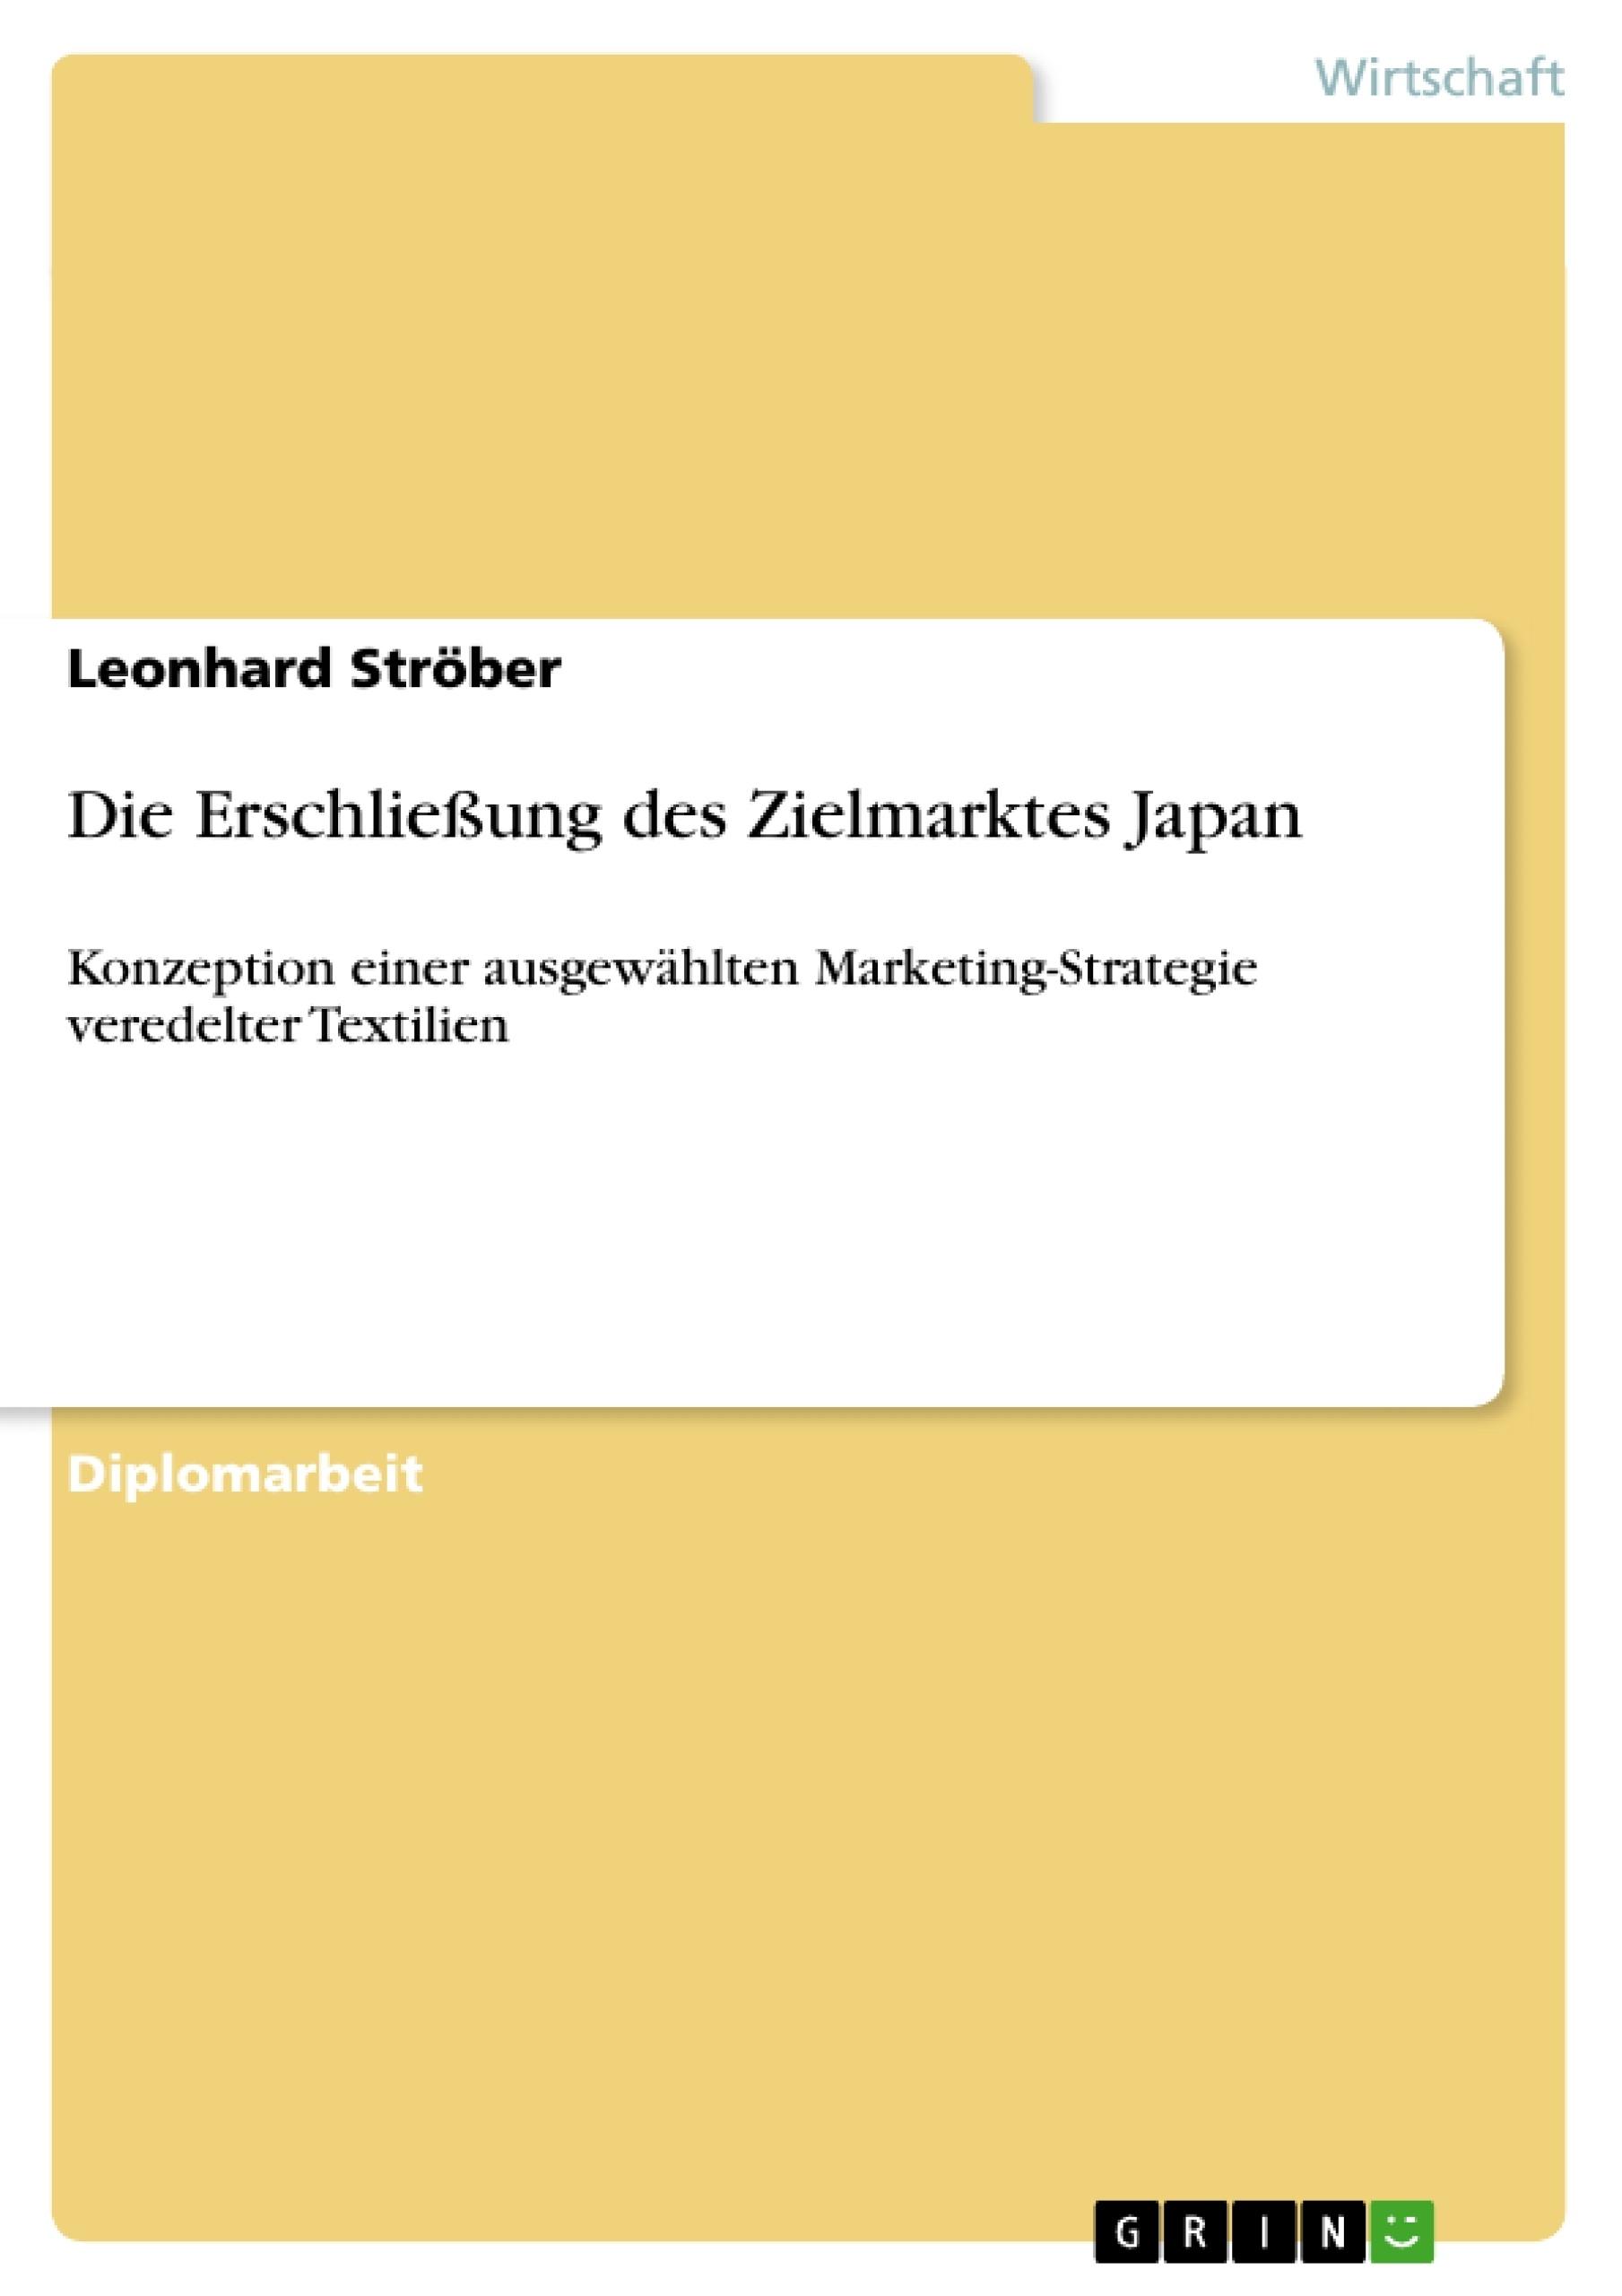 Titel: Die Erschließung des Zielmarktes Japan